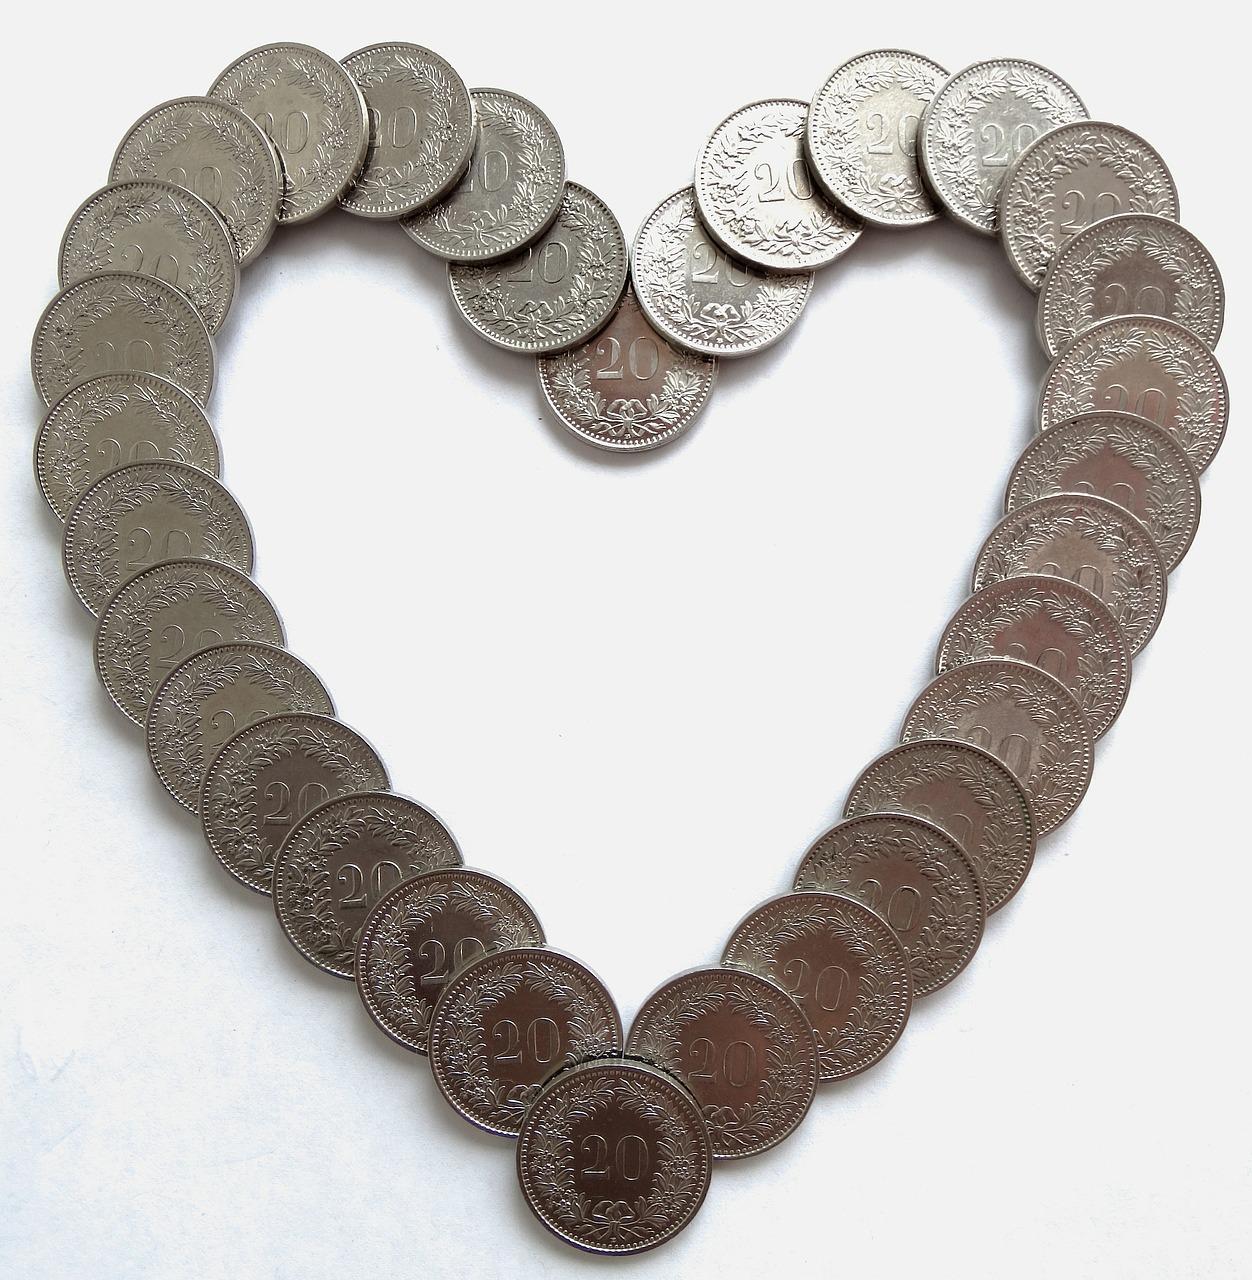 お金 1498625225 - ベルマリアージュがリーズナブルな理由